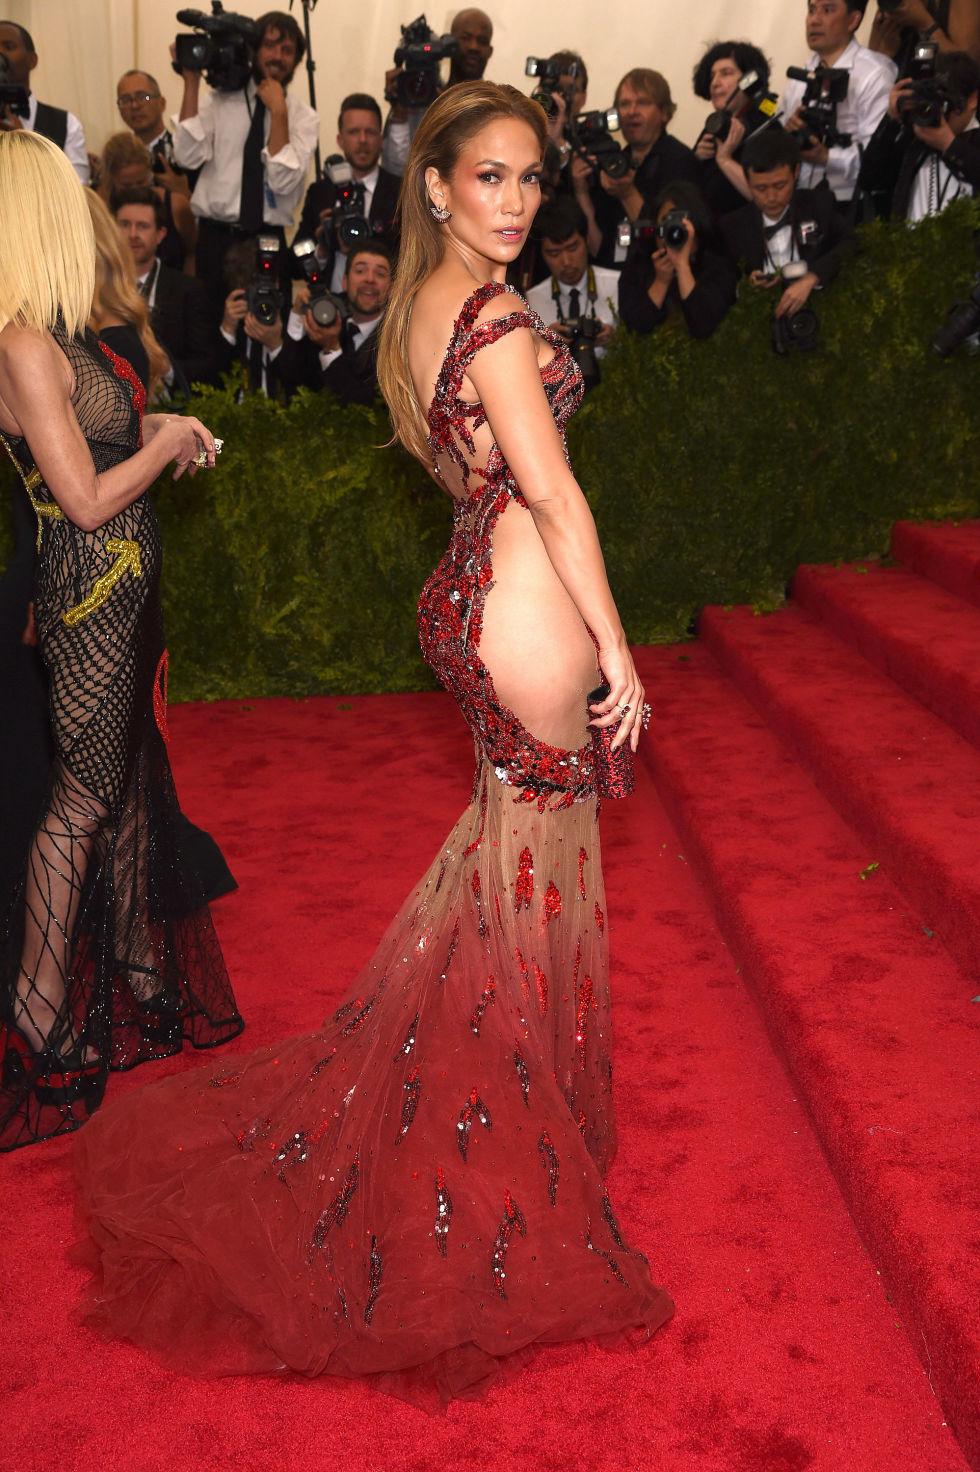 Jennifer Lopez dans une magnifique robe adoptant le style Side-Bum